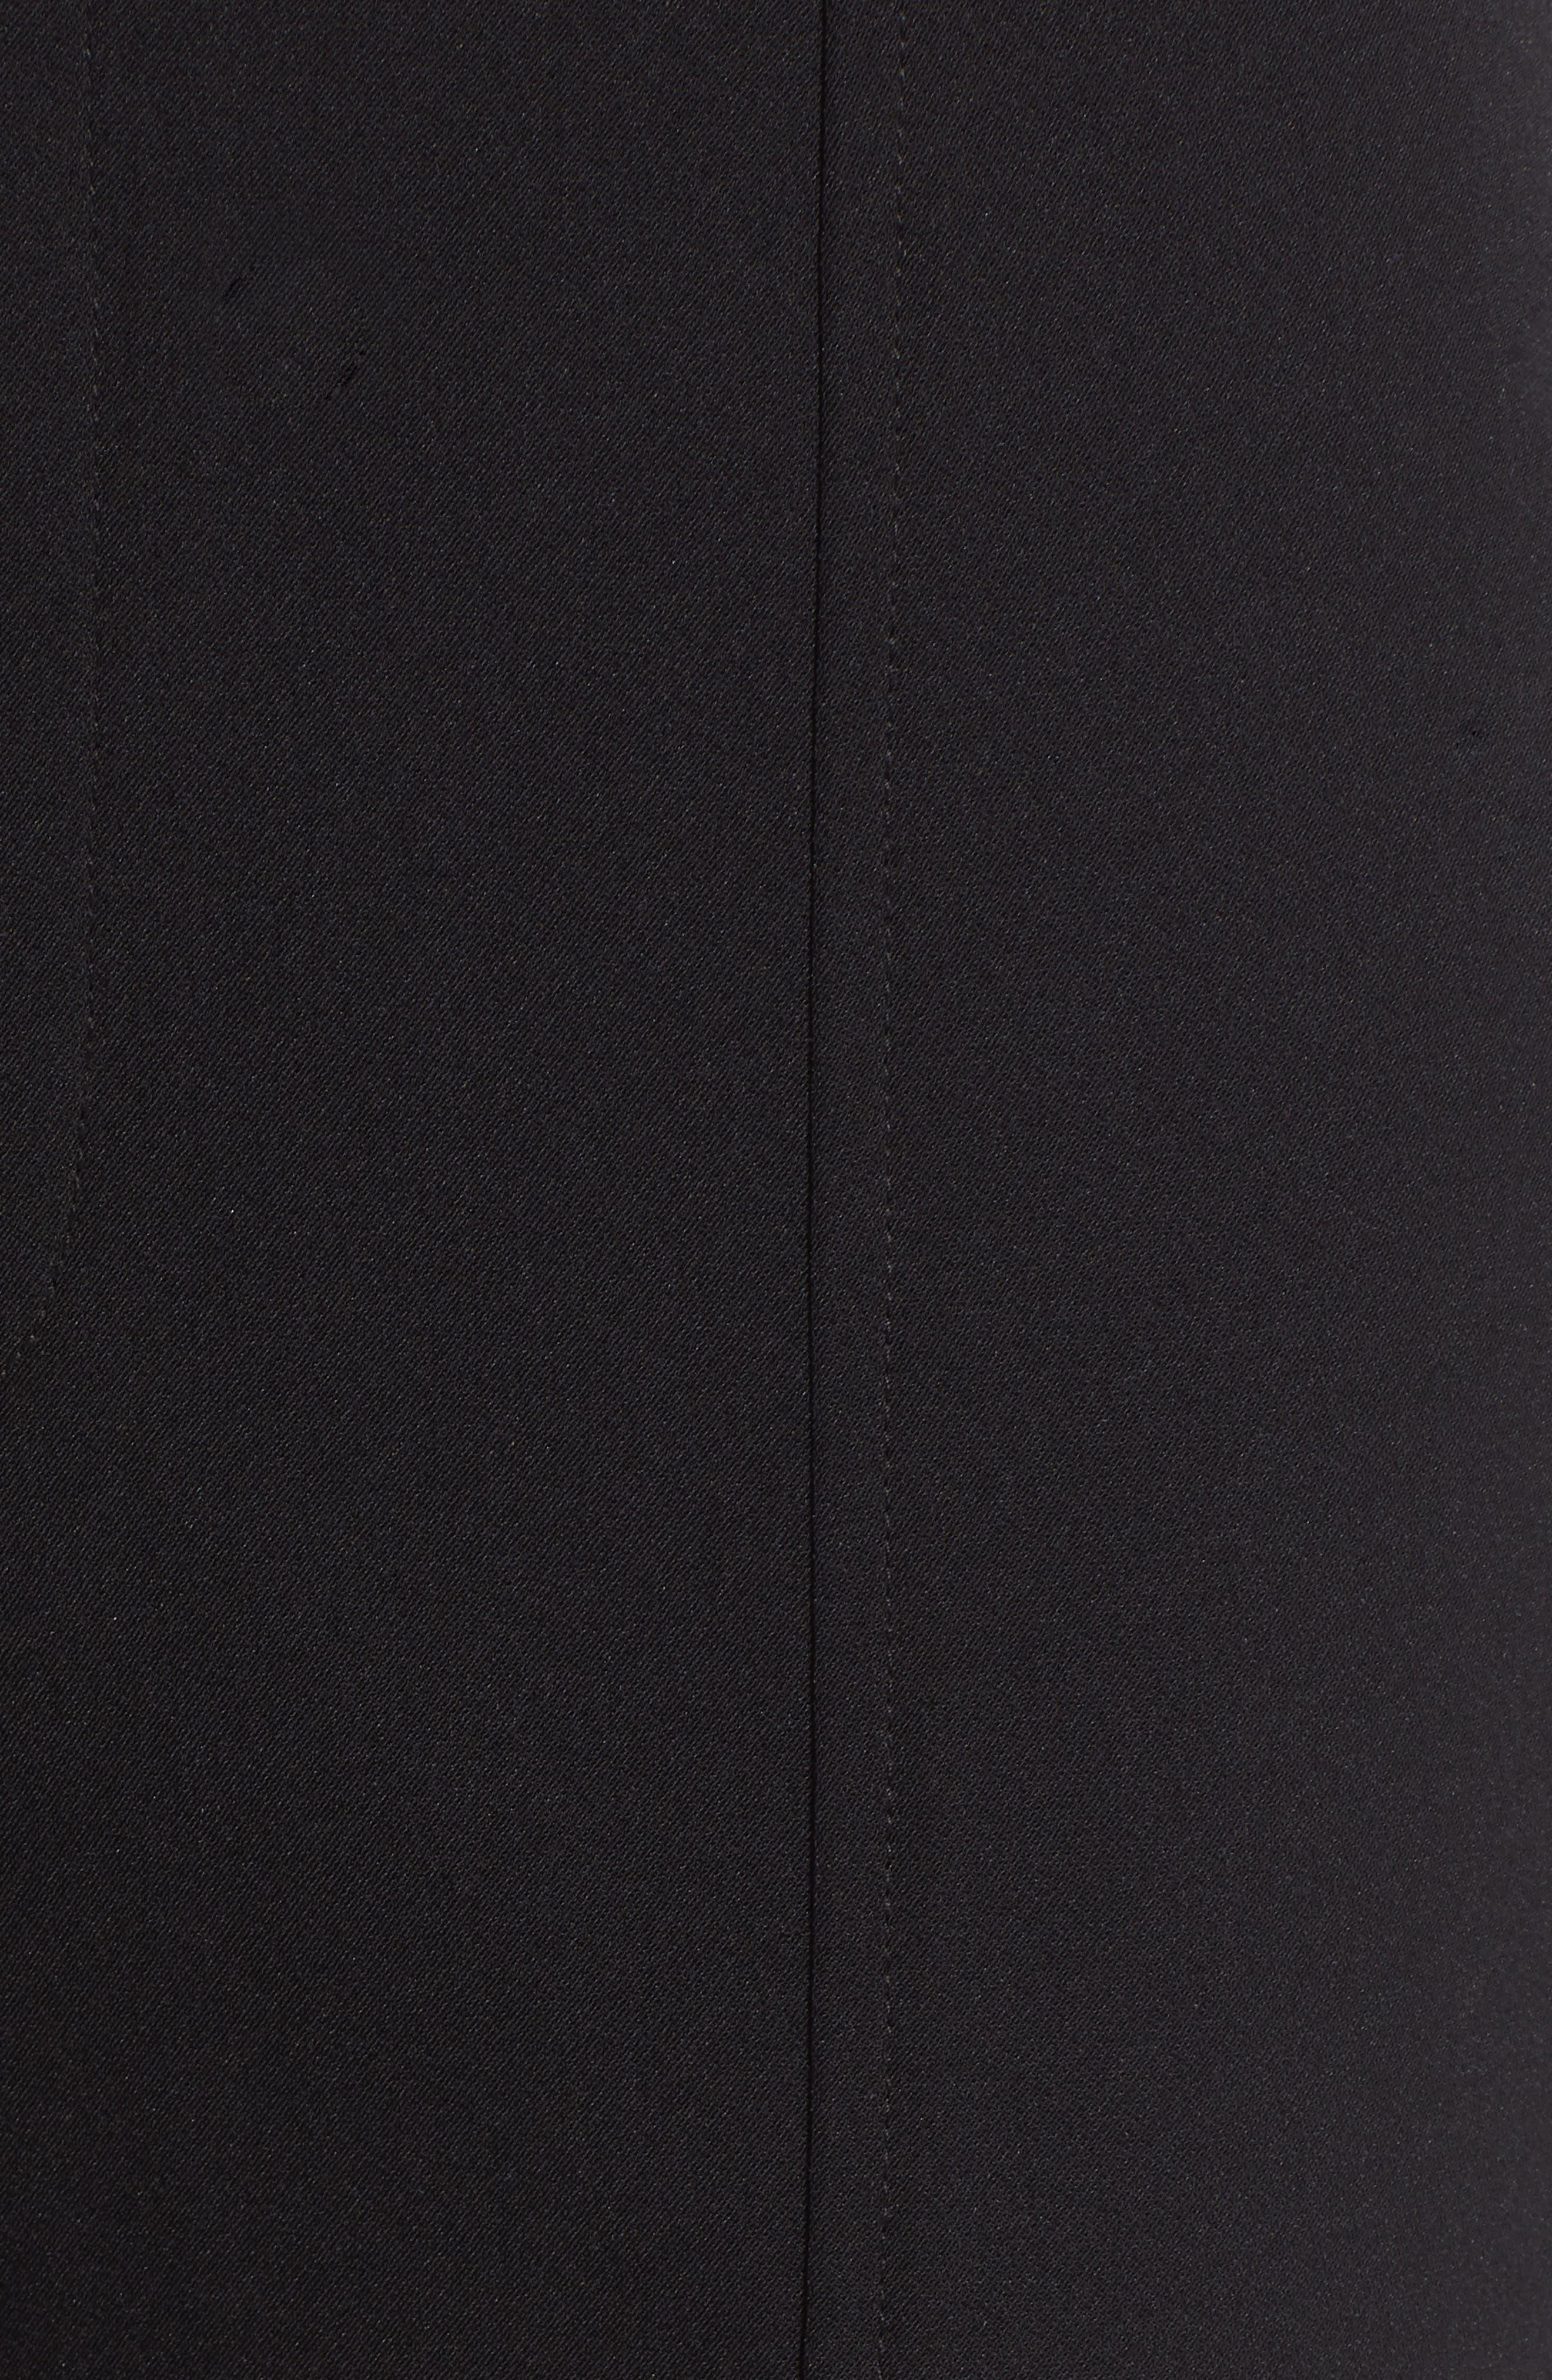 Skinny Slit Hem Pants,                             Alternate thumbnail 6, color,                             BLACK